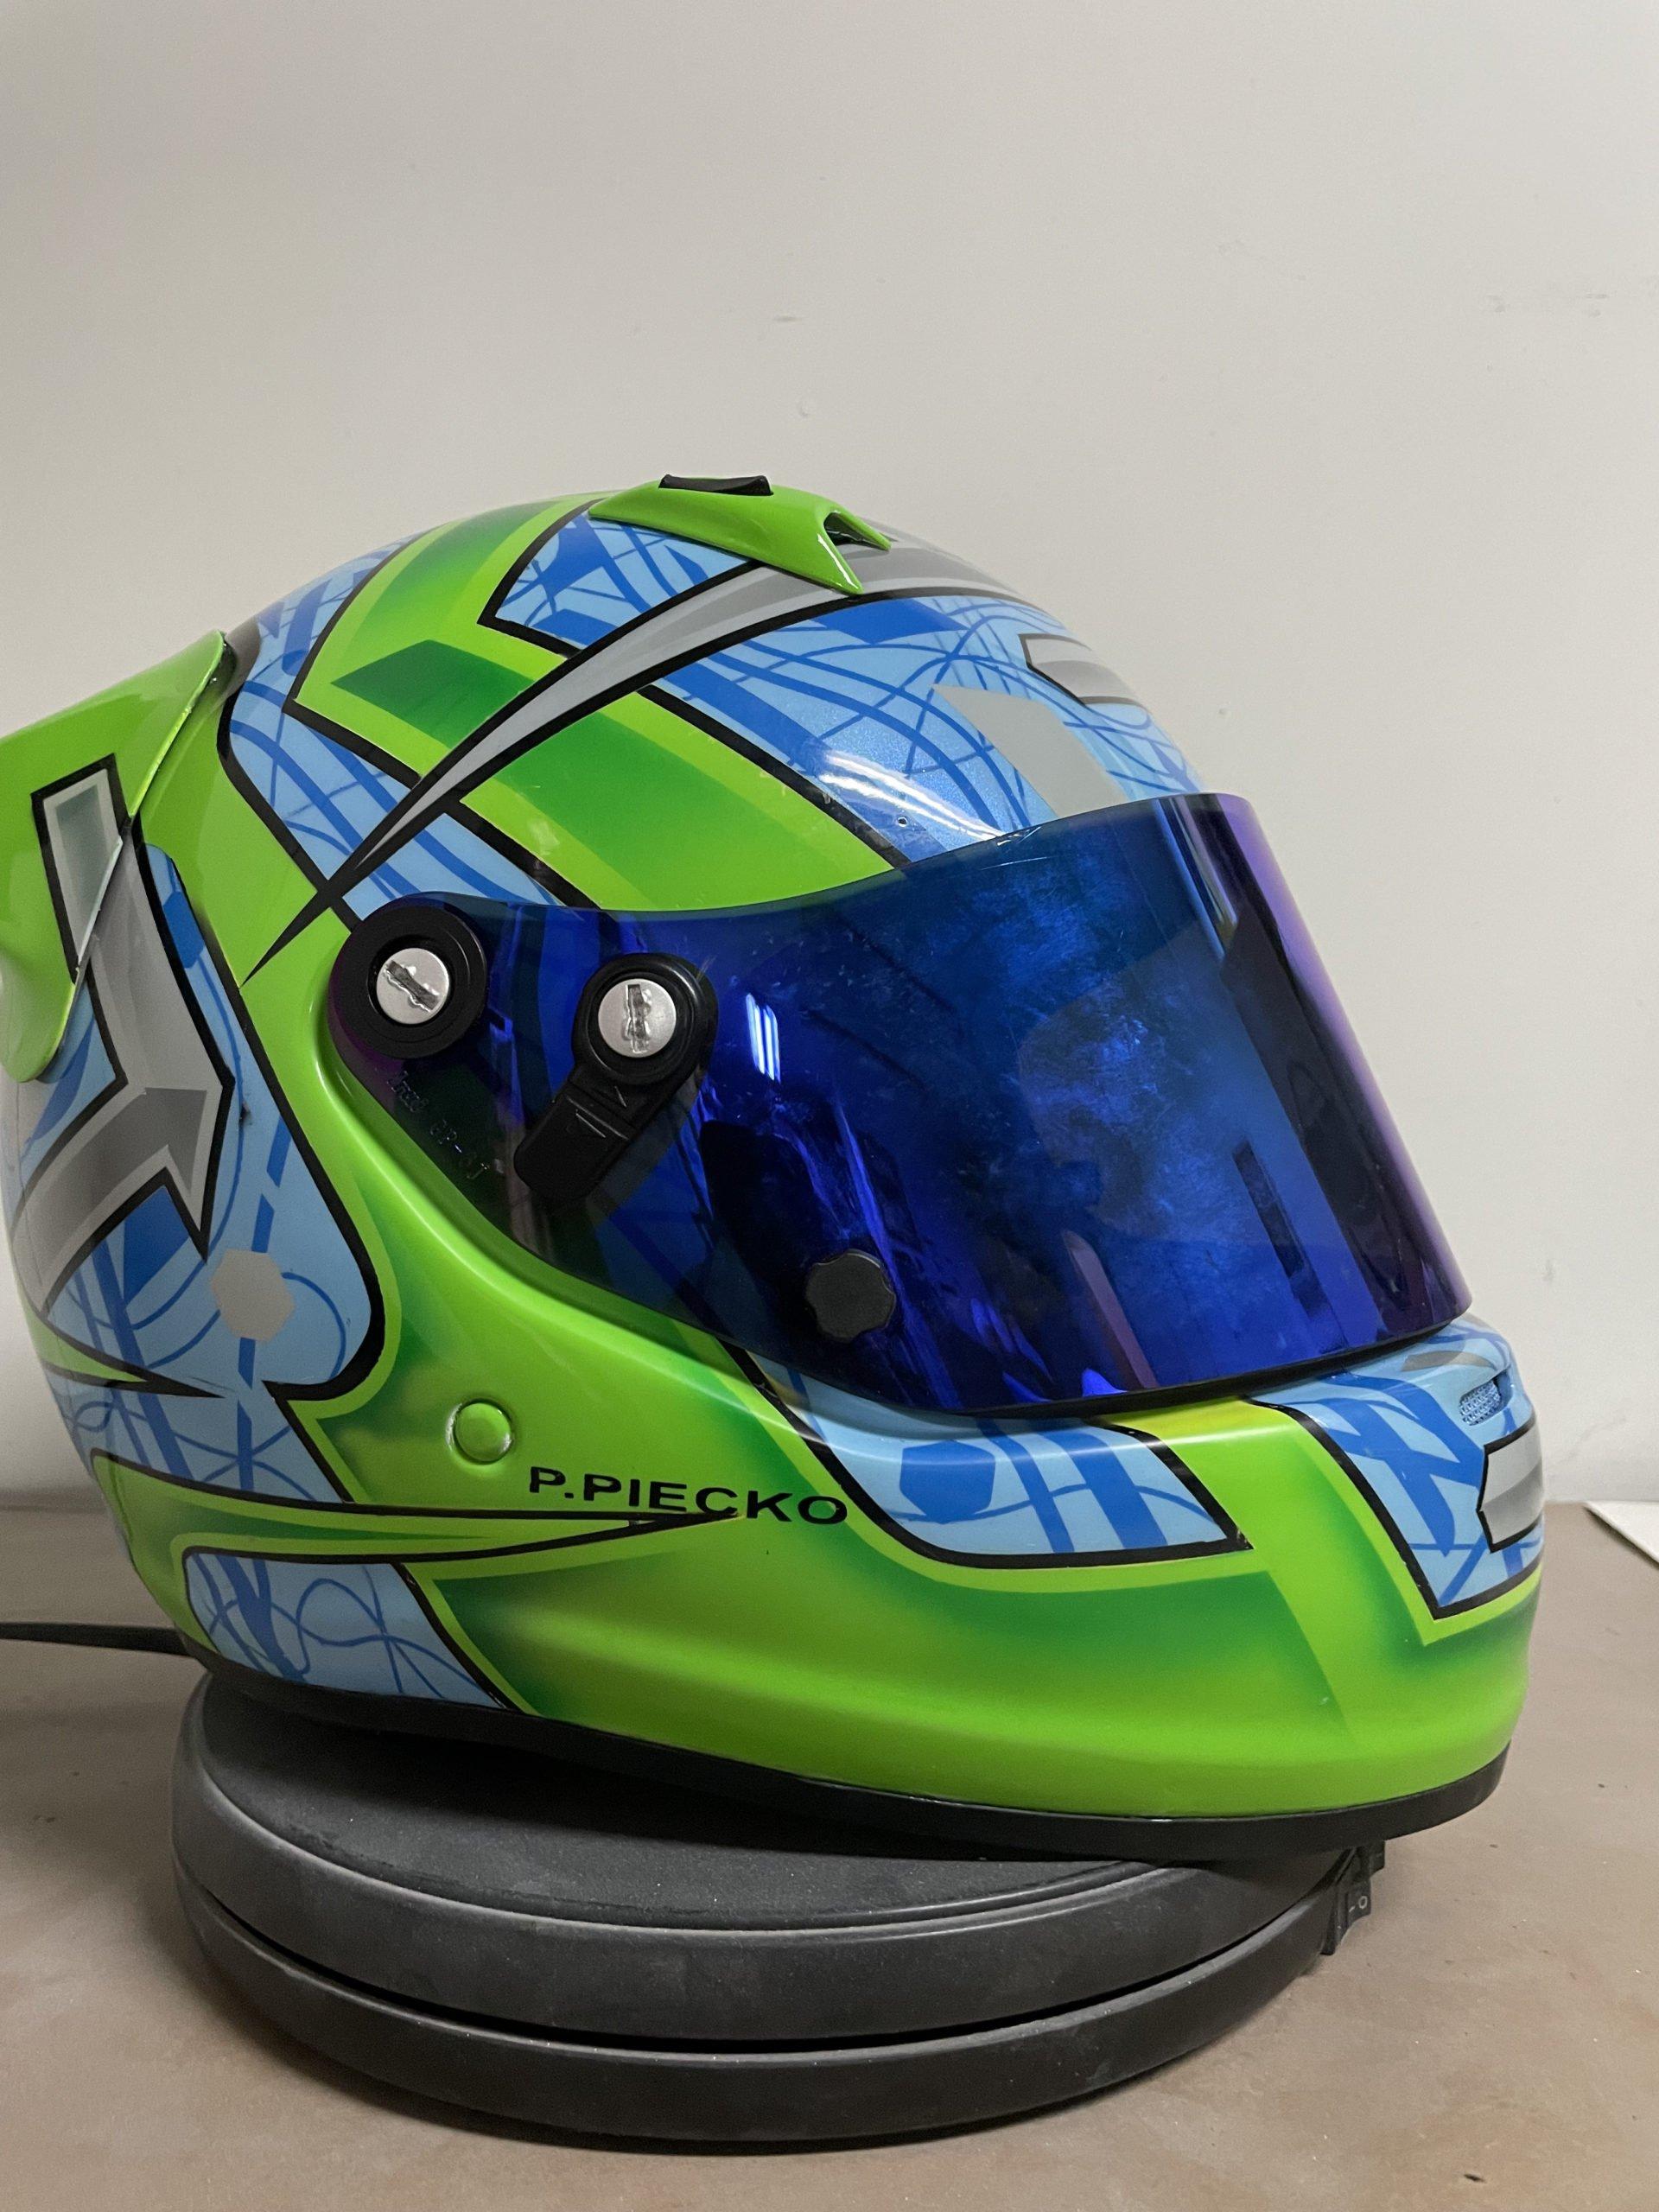 race helmet design